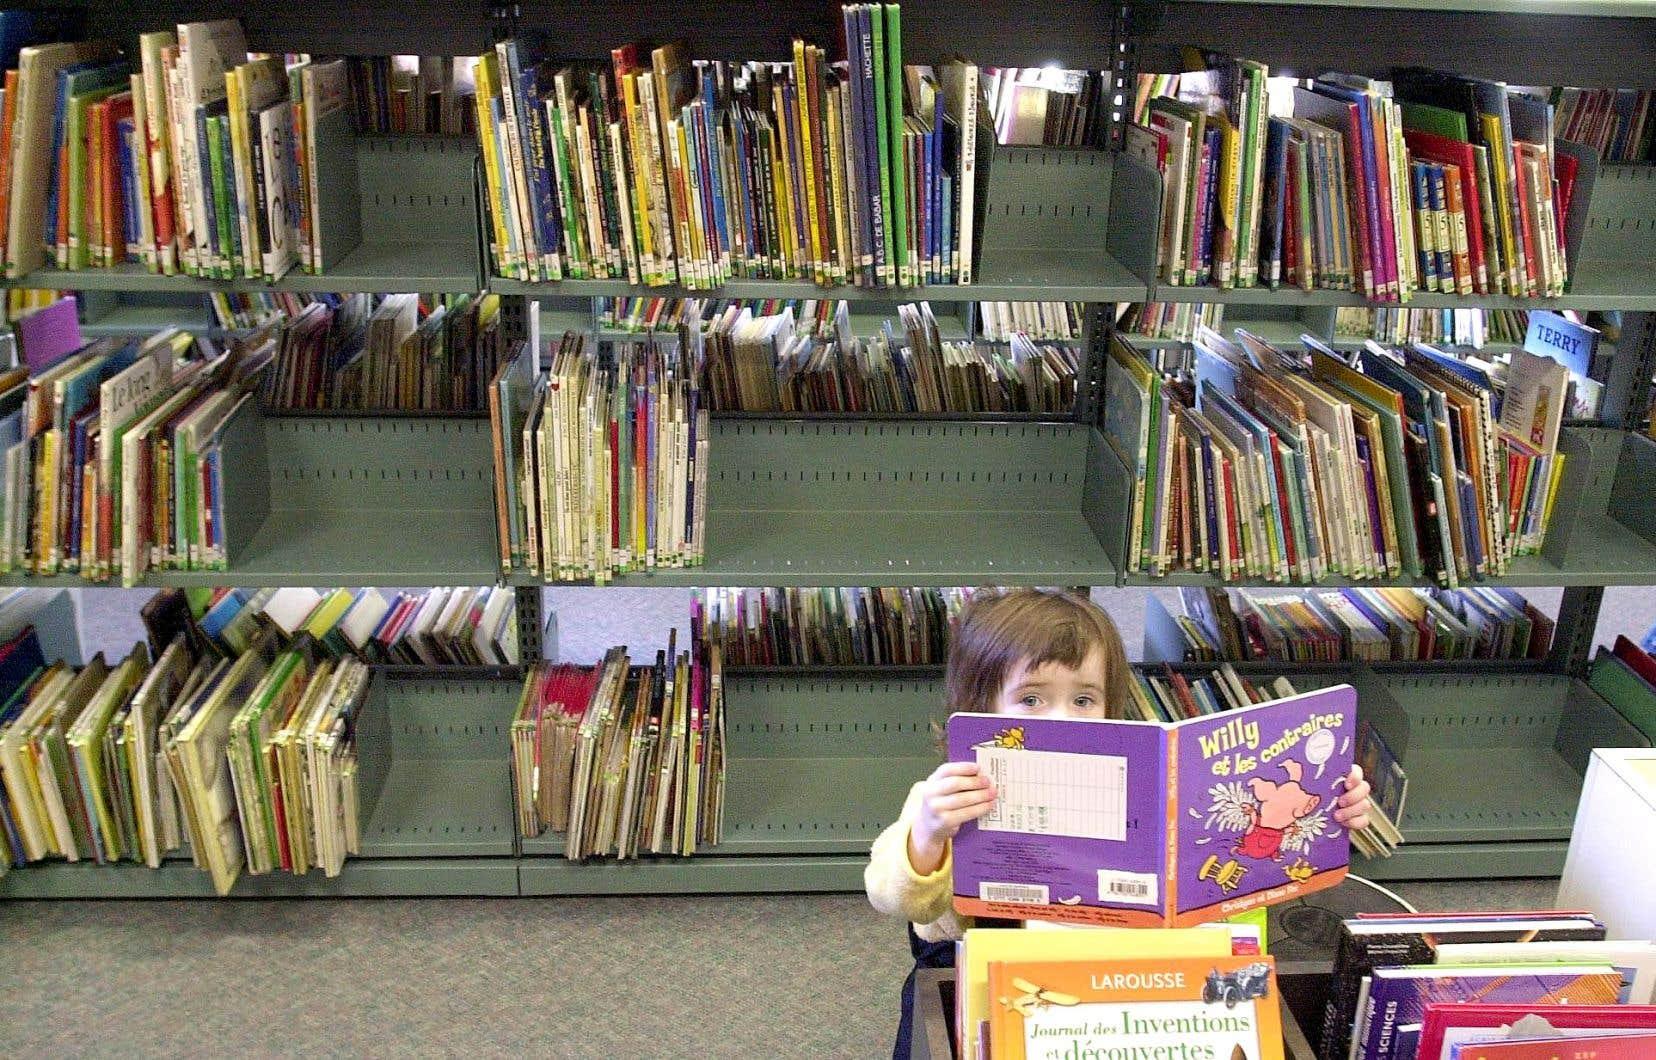 «Certaines bibliothèques sont correctement garnies, mais plusieurs sont tellement pauvres que c'en est gênant.»